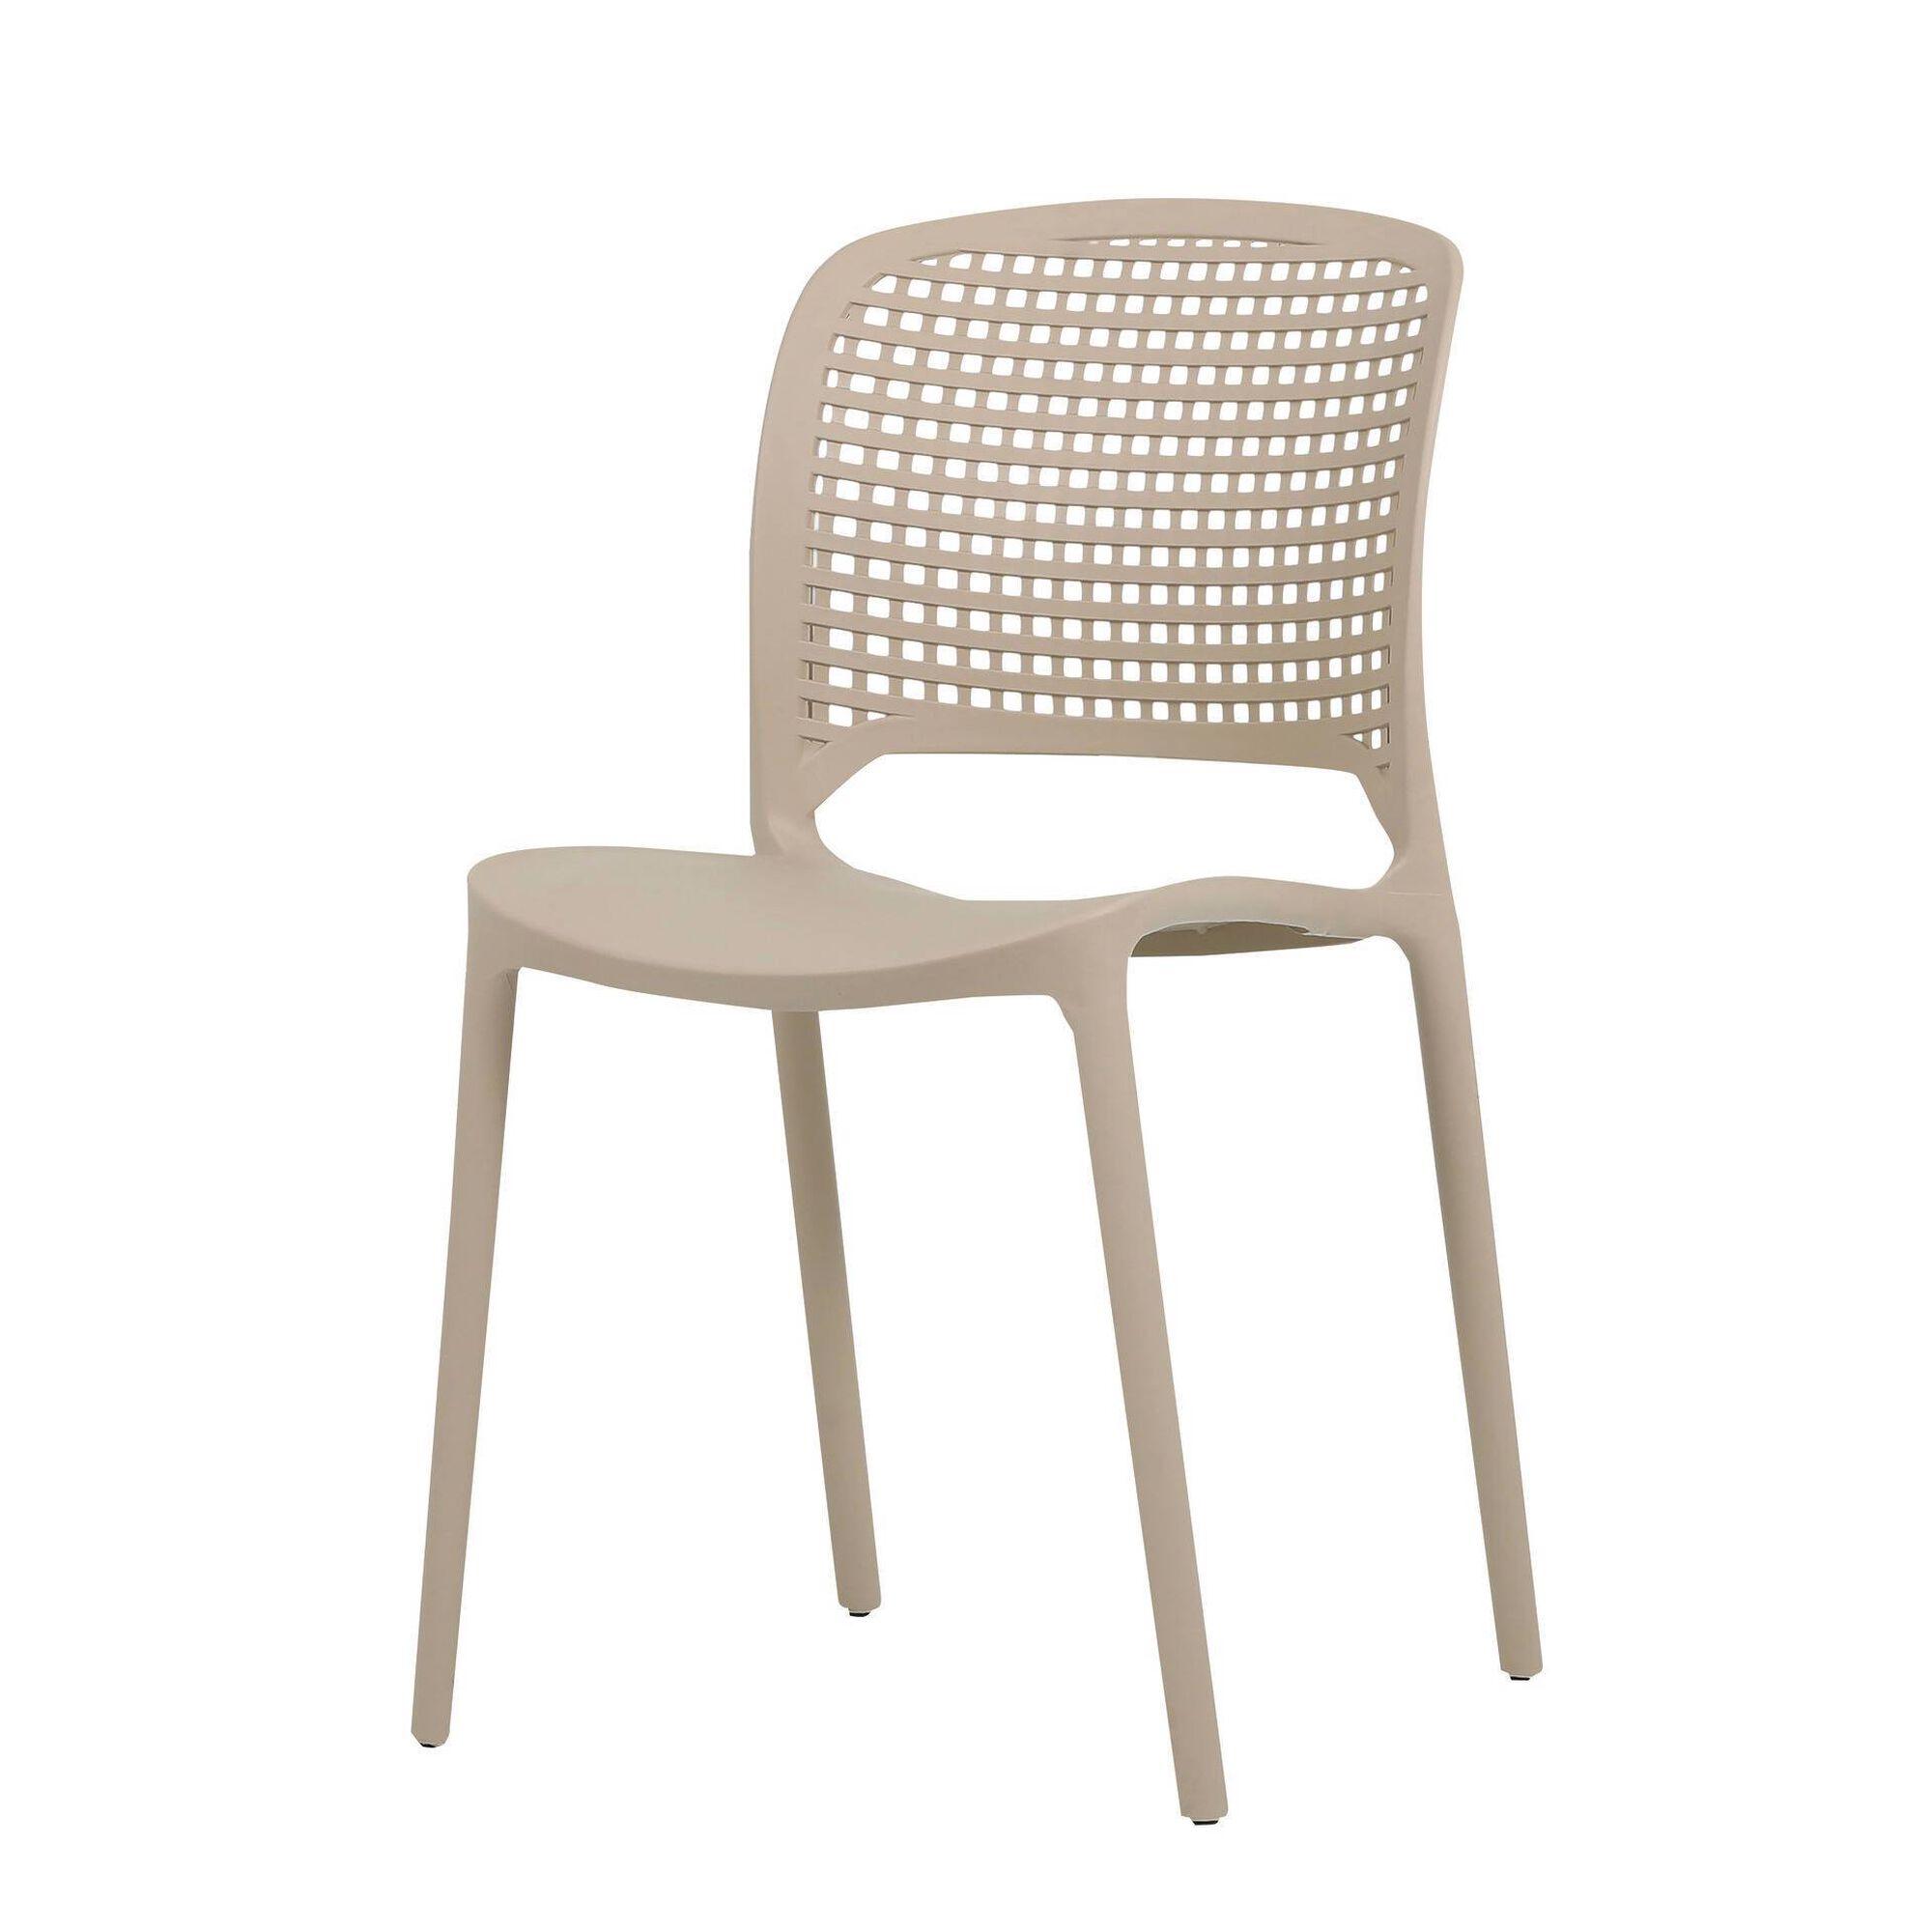 Cadeira de Resina Bege Montana Squares